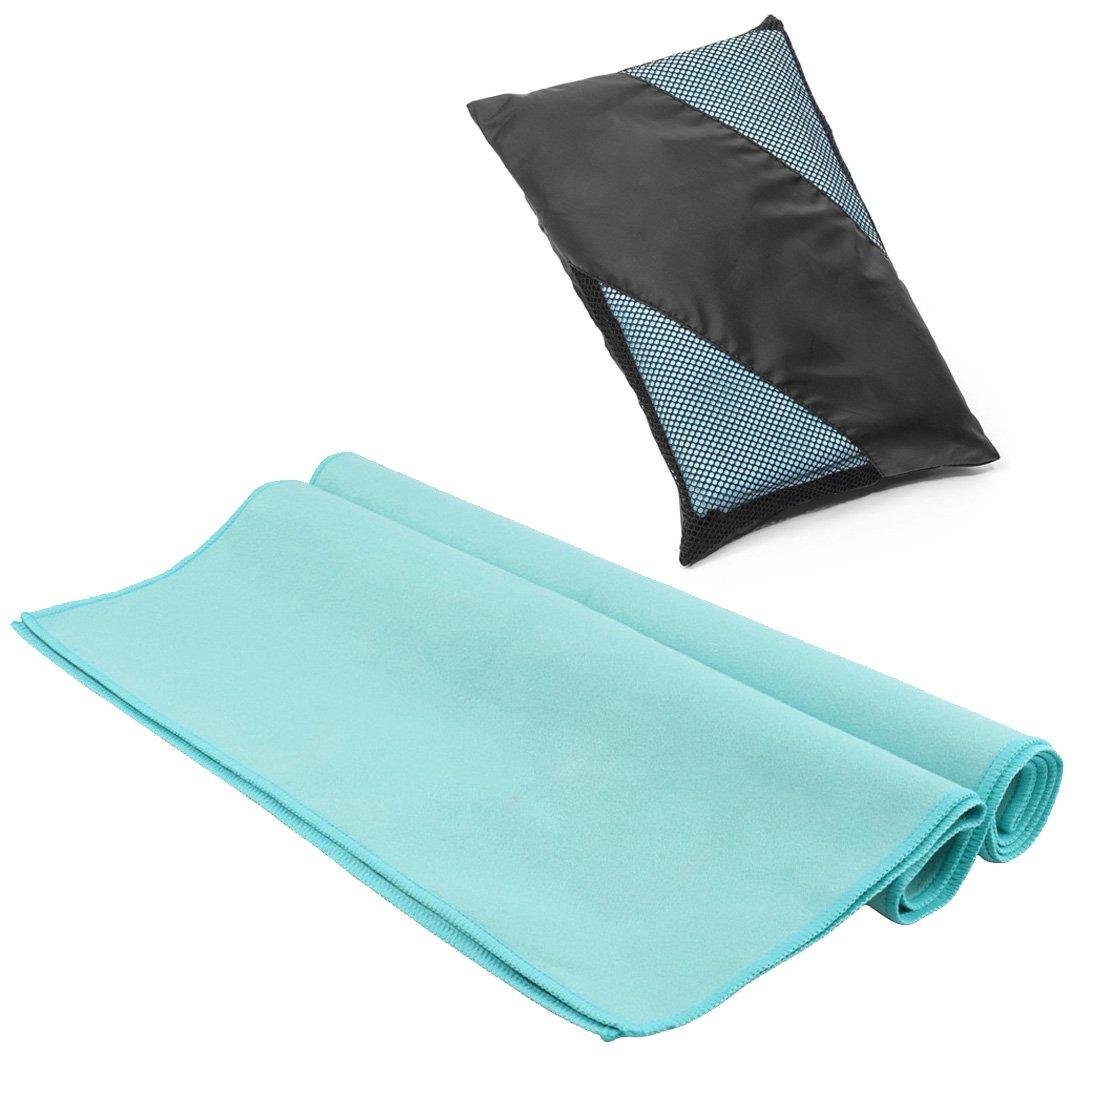 Serviette microfibre, EveShine Serviette de sport ultra compacte, absorbante et séchage rapide pour camping, plage, piscine, gym, yoga, pilates ou bain - 27,6 pouces x 55 pouces